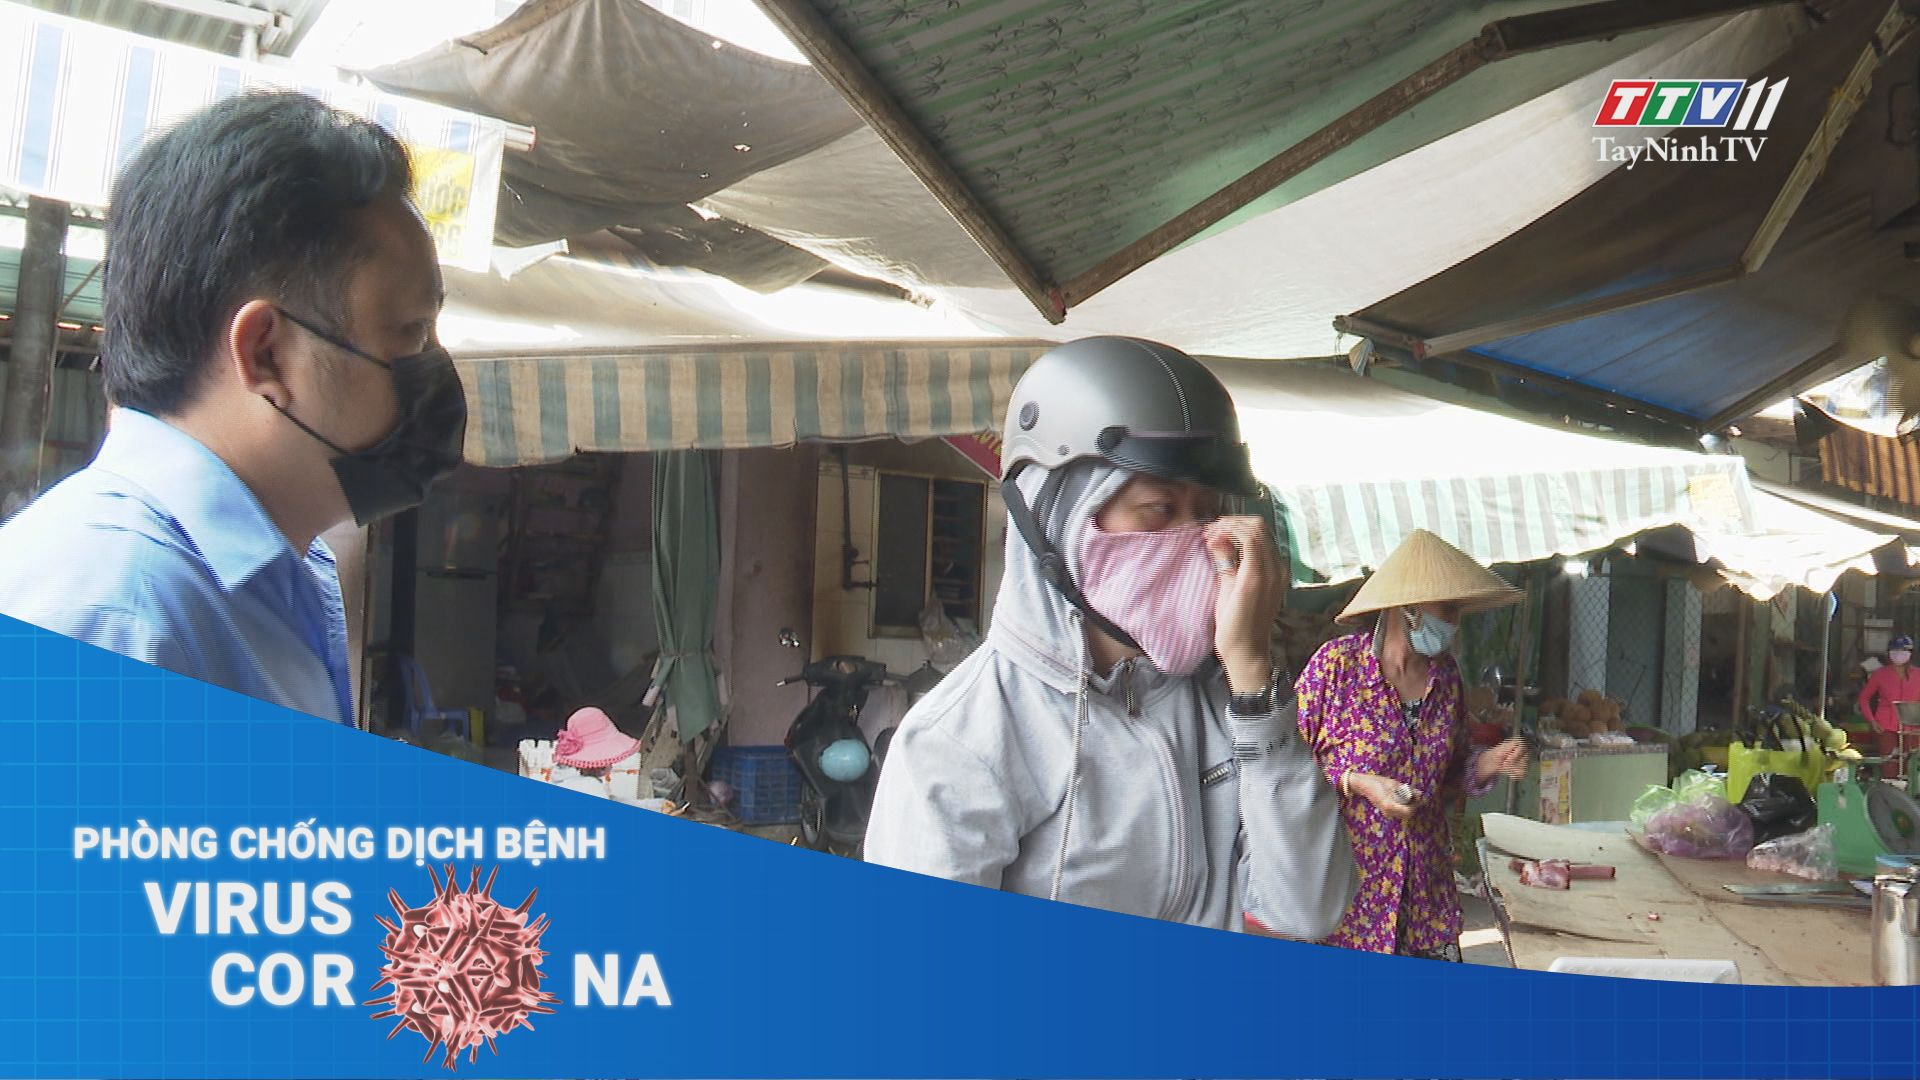 Người dân chấp hành đeo khẩu trang nơi công cộng | THÔNG TIN DỊCH CÚM COVID-19 | TayNinhTV